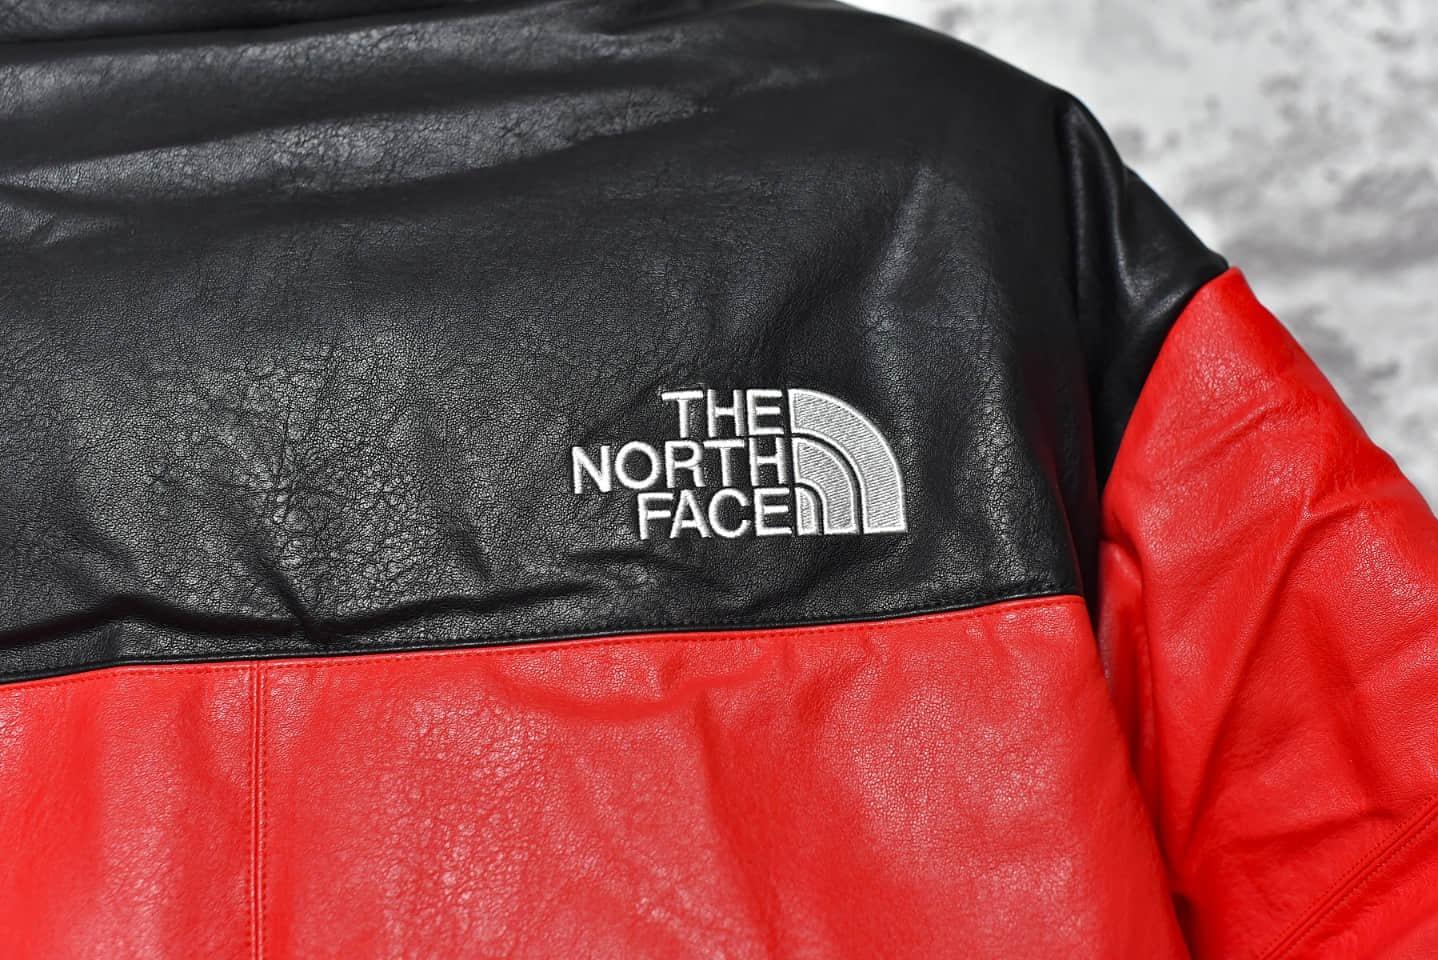 北面Supreme联名黑红羽绒服 Supreme x The North Face 正品北面顶级复刻讲解-潮流者之家